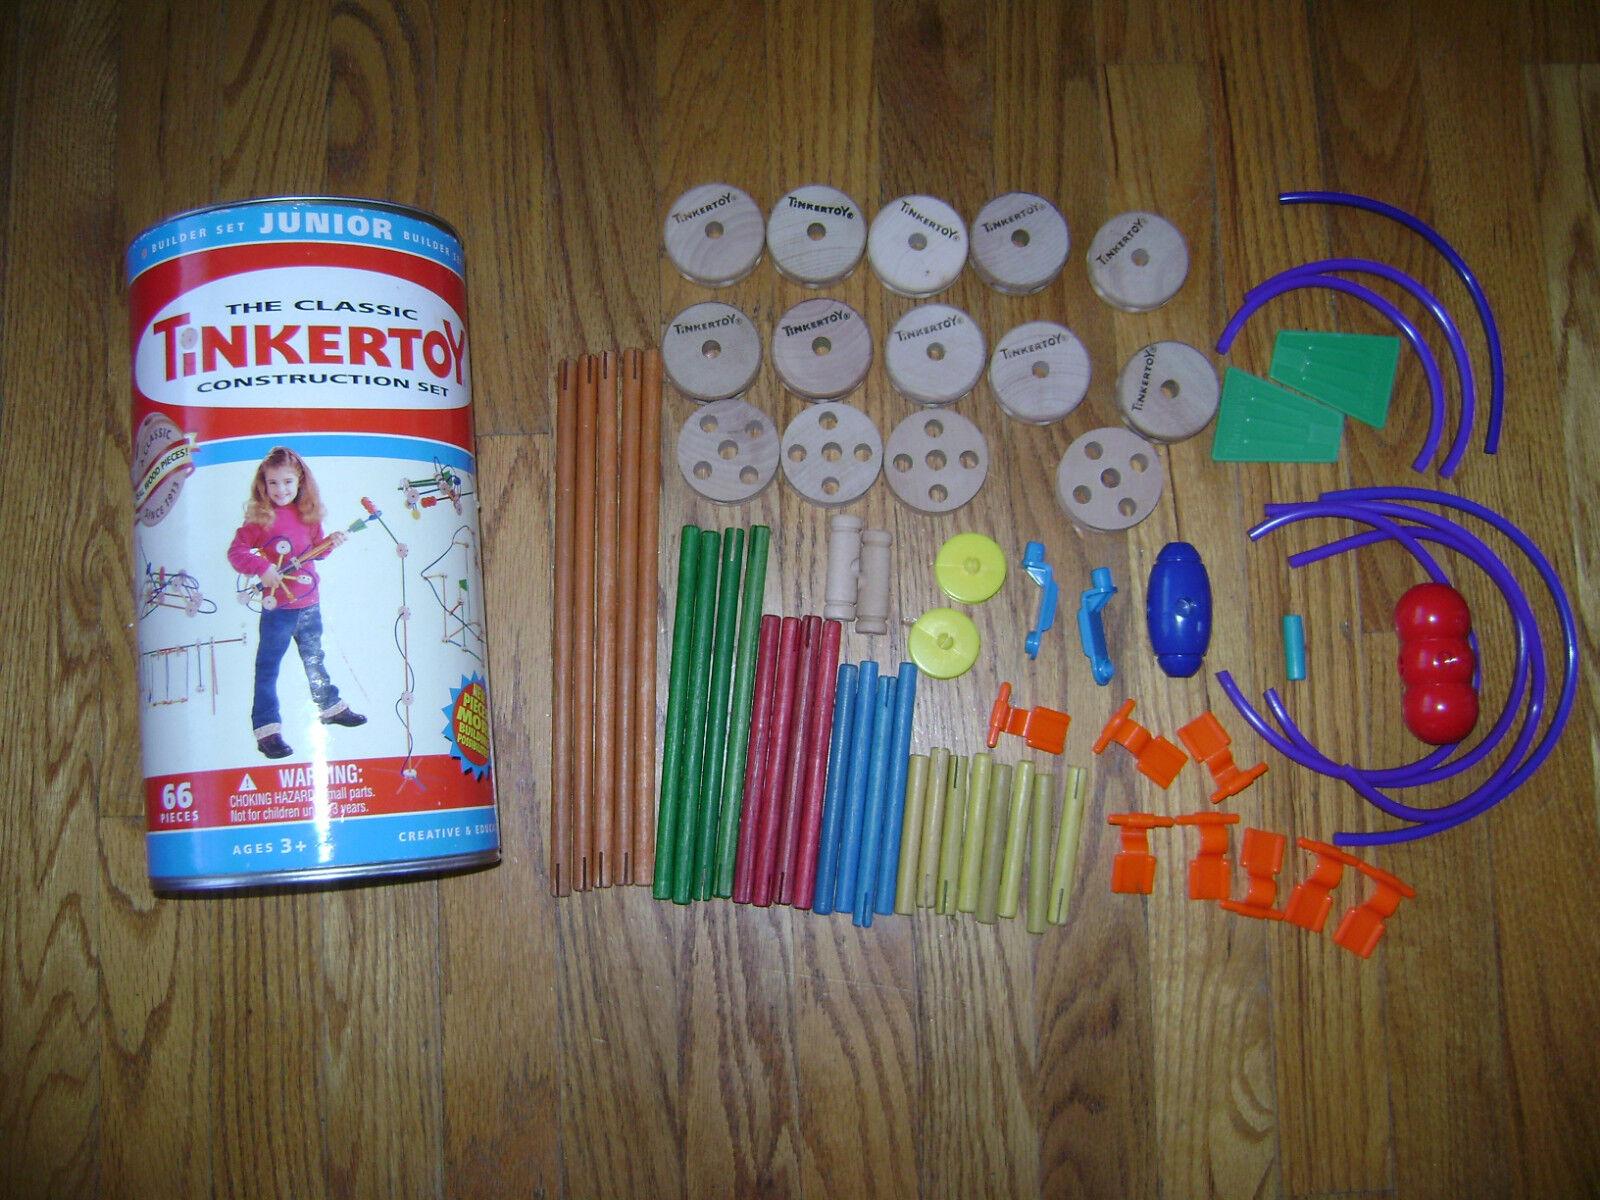 Hasbro blechspielzeug bau hat junior builder 65   66 stück feld real wood selten